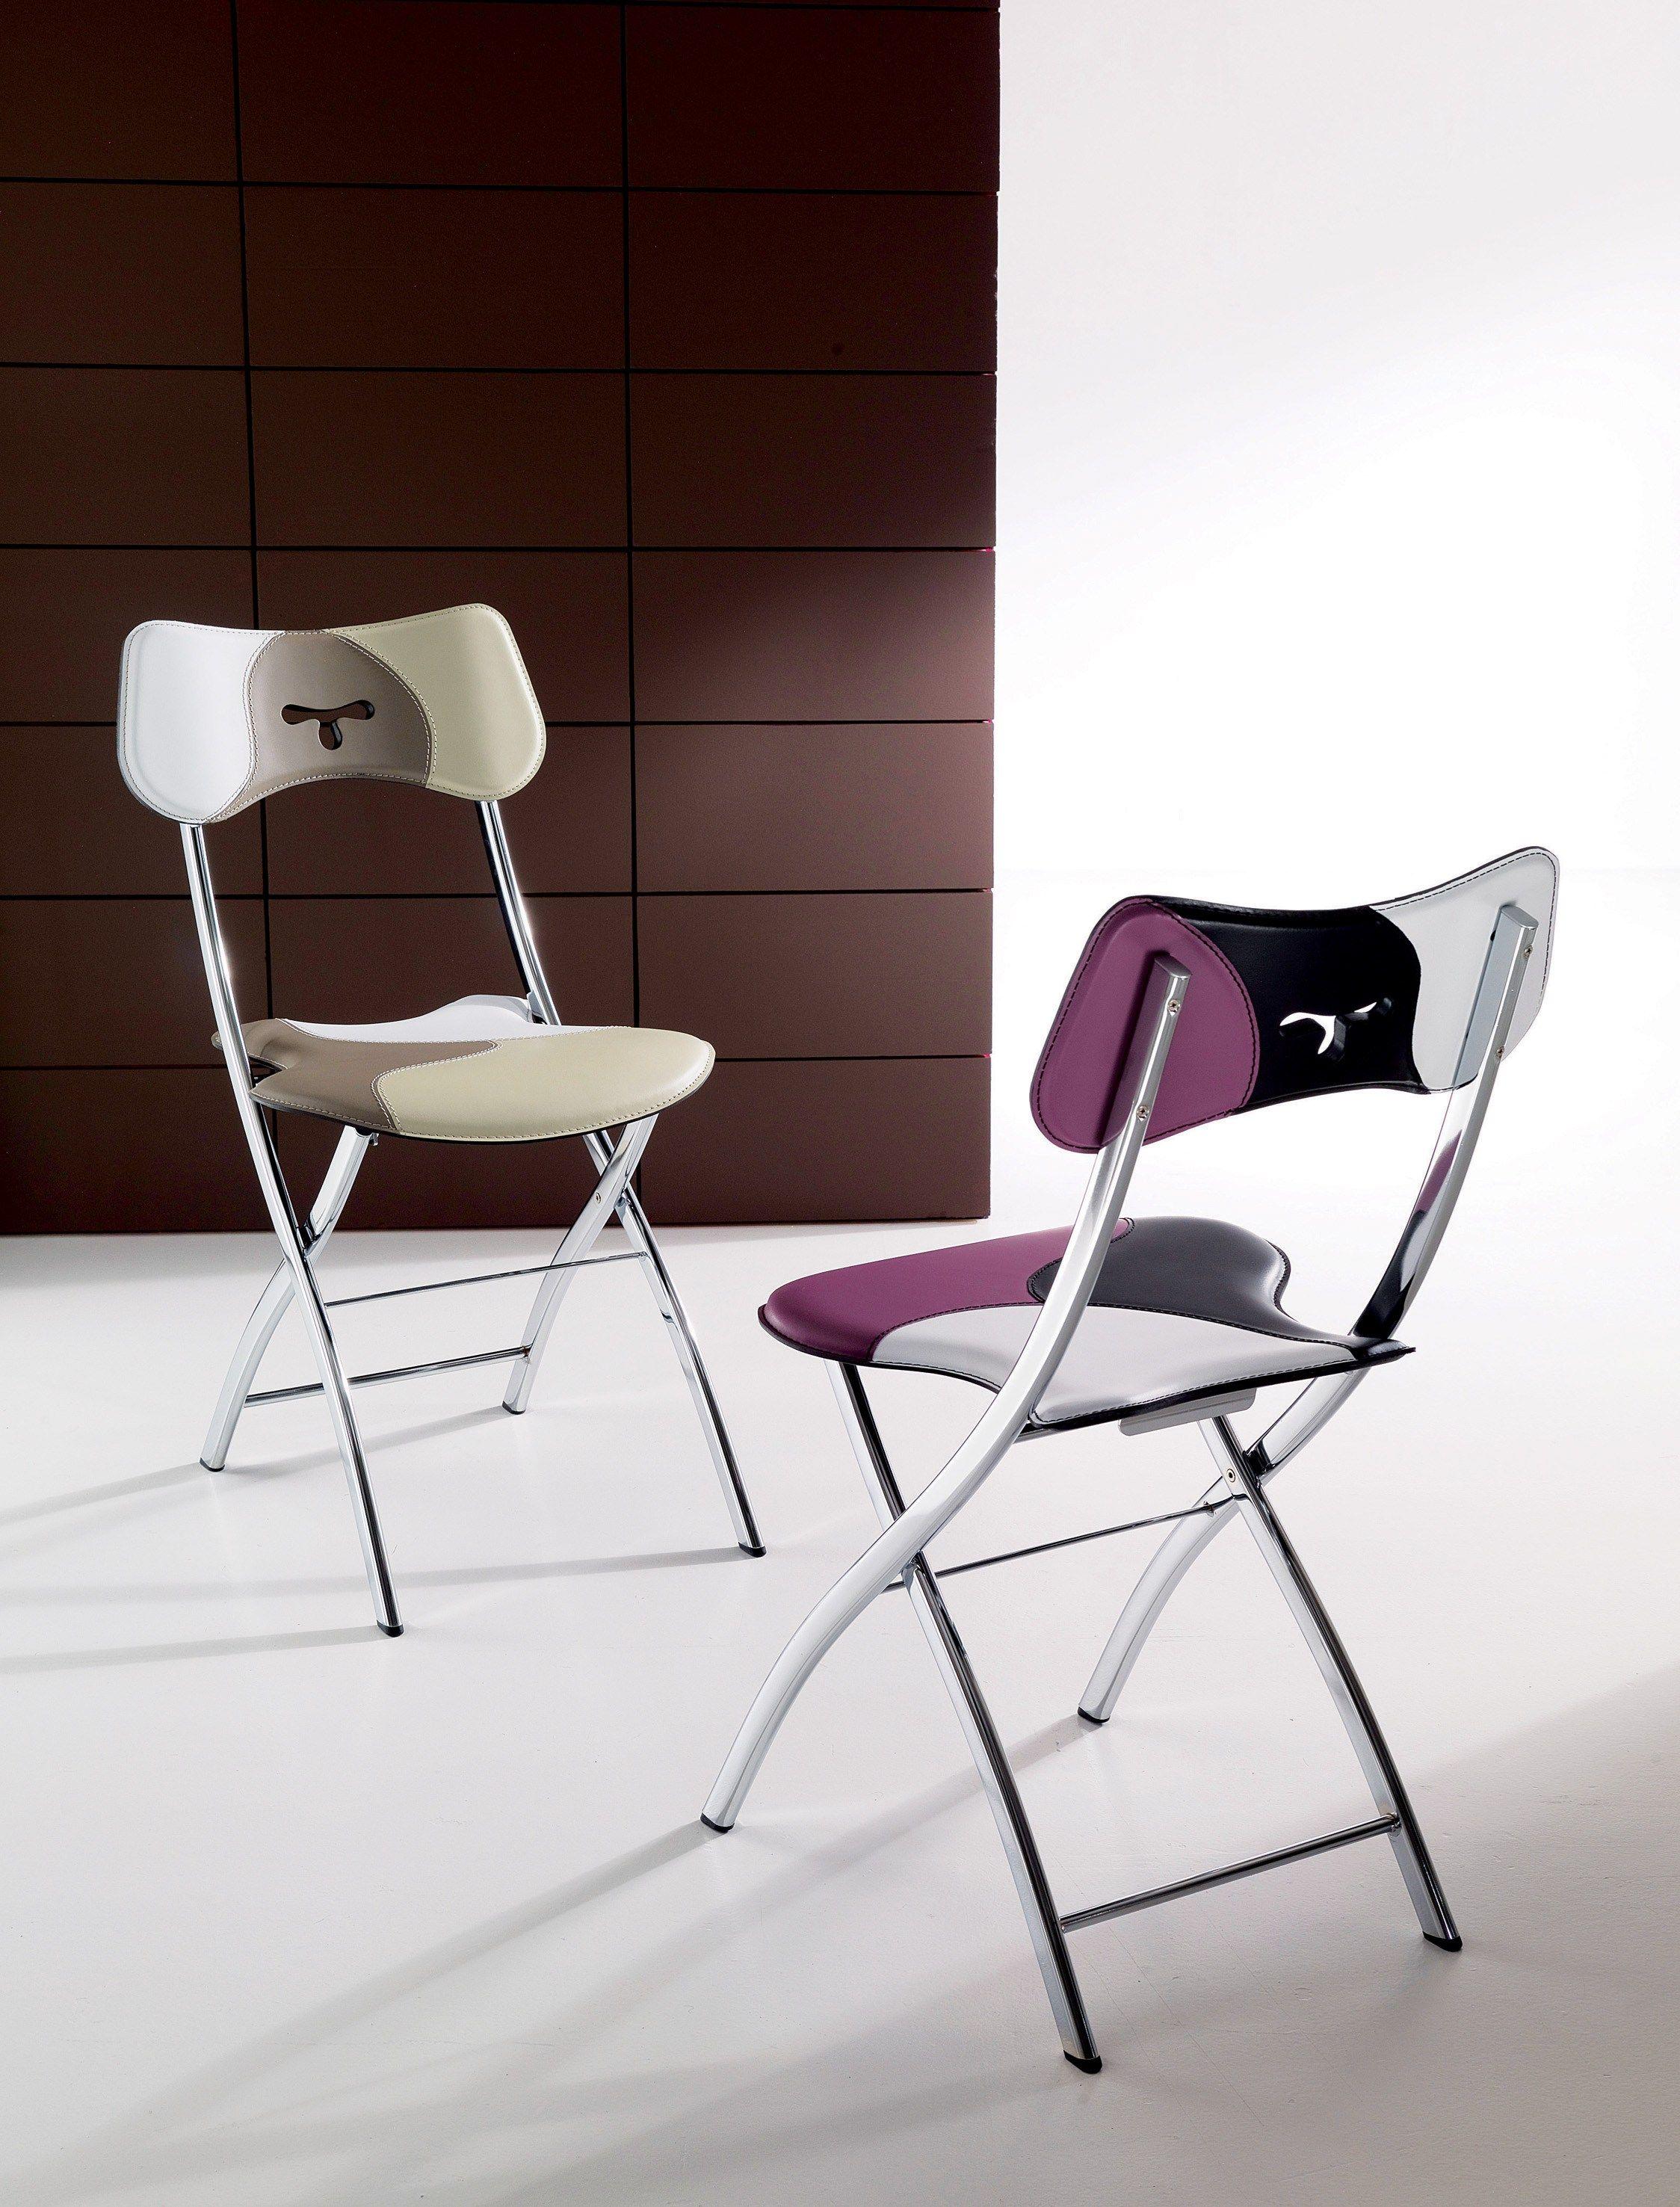 Opl sedia in cuoio by ozzio italia design gaetano - Sedia pieghevole imbottita ...